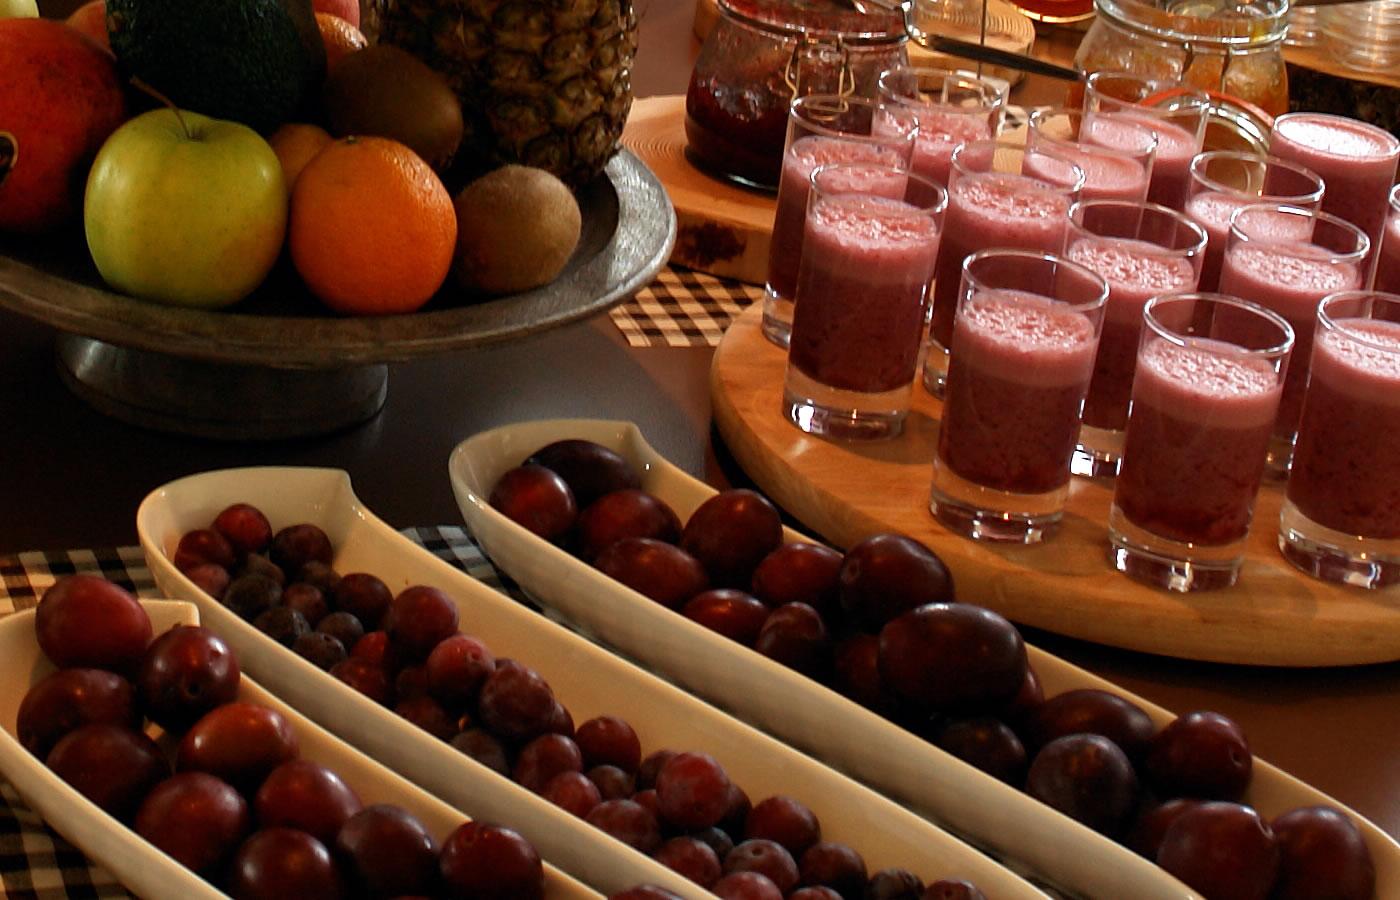 Frühstücksbuffet des Hotels. Natürlich in Fiss - Österreich